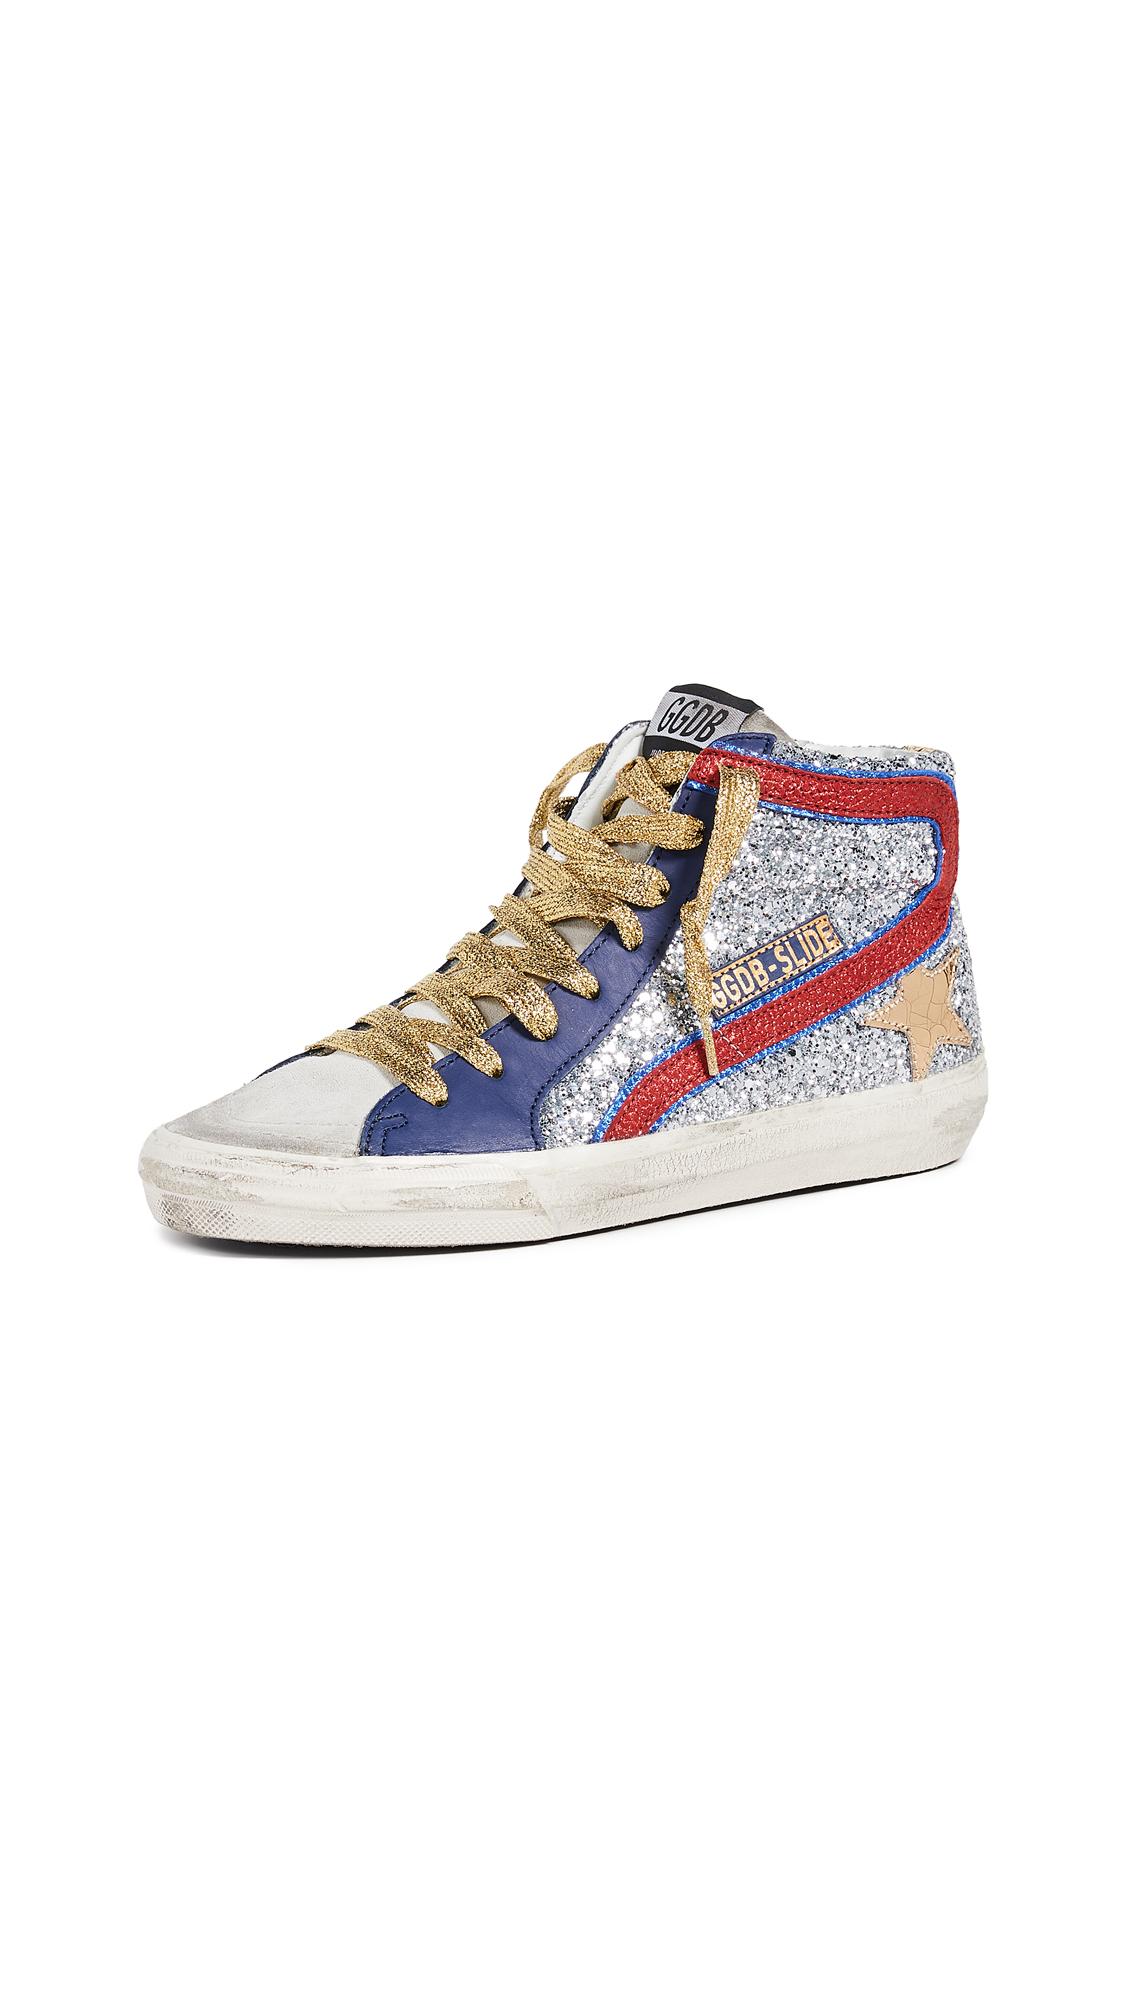 Golden Goose Slide Sneakers - Silver Glitter/Gold